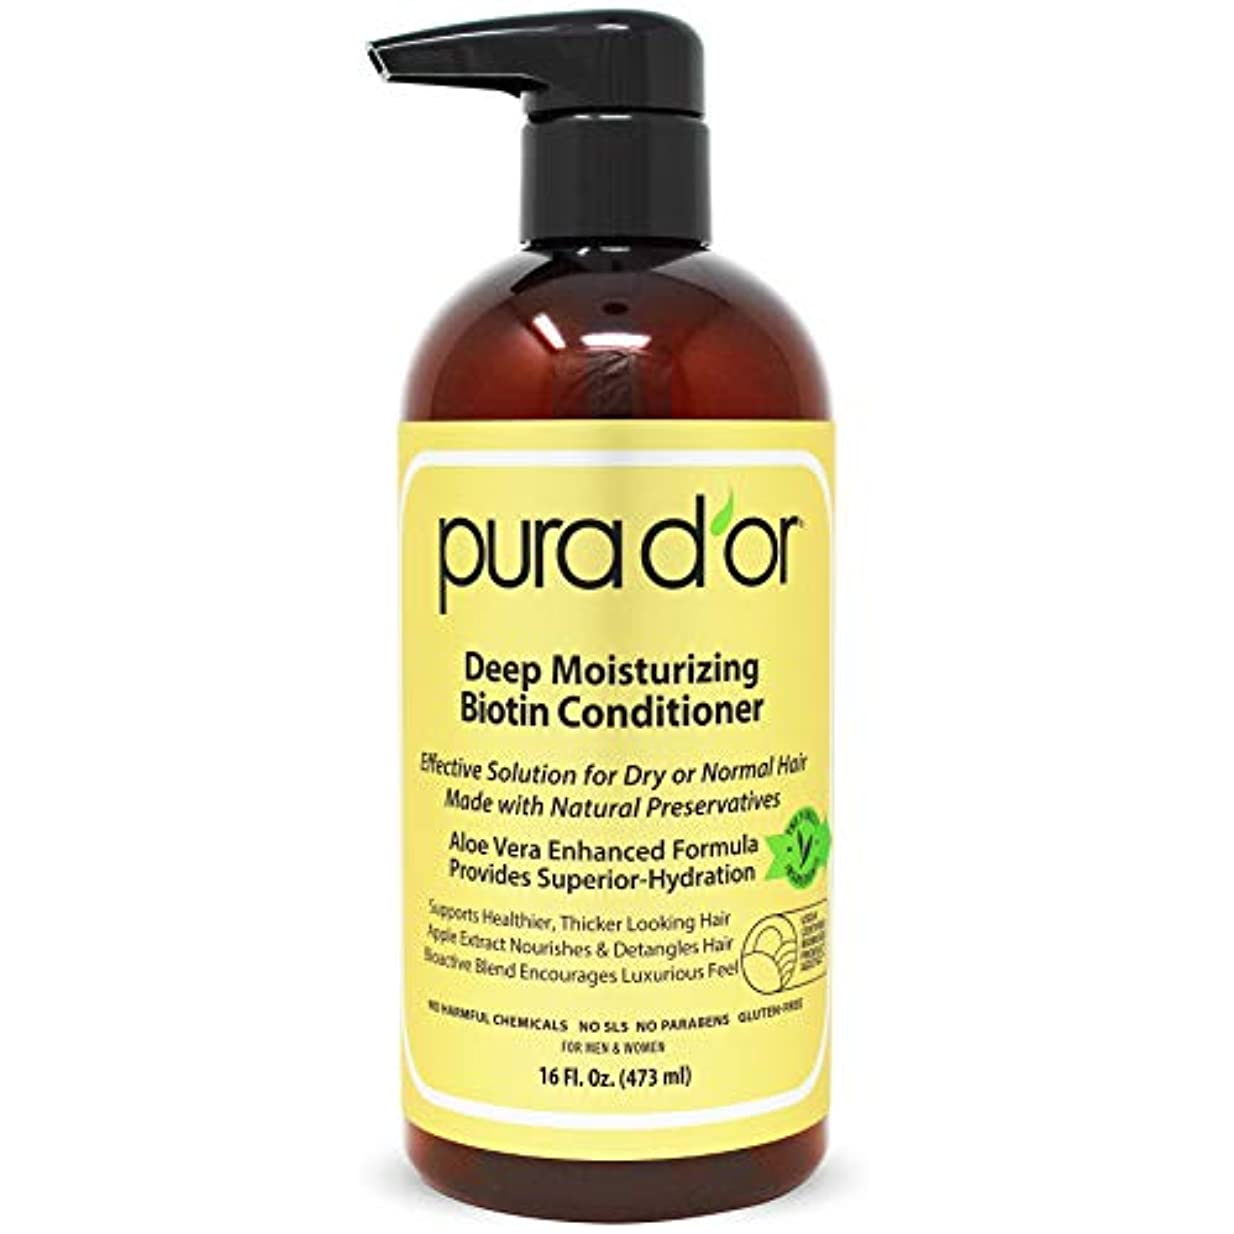 発明するサドル症候群PURA D'OR Deep Moisturizing Premium Organic Argan Oil & Aloe Vera Conditioner, 16 Fluid Ounce (473ml)プラドール ディープモイスチャライジング...